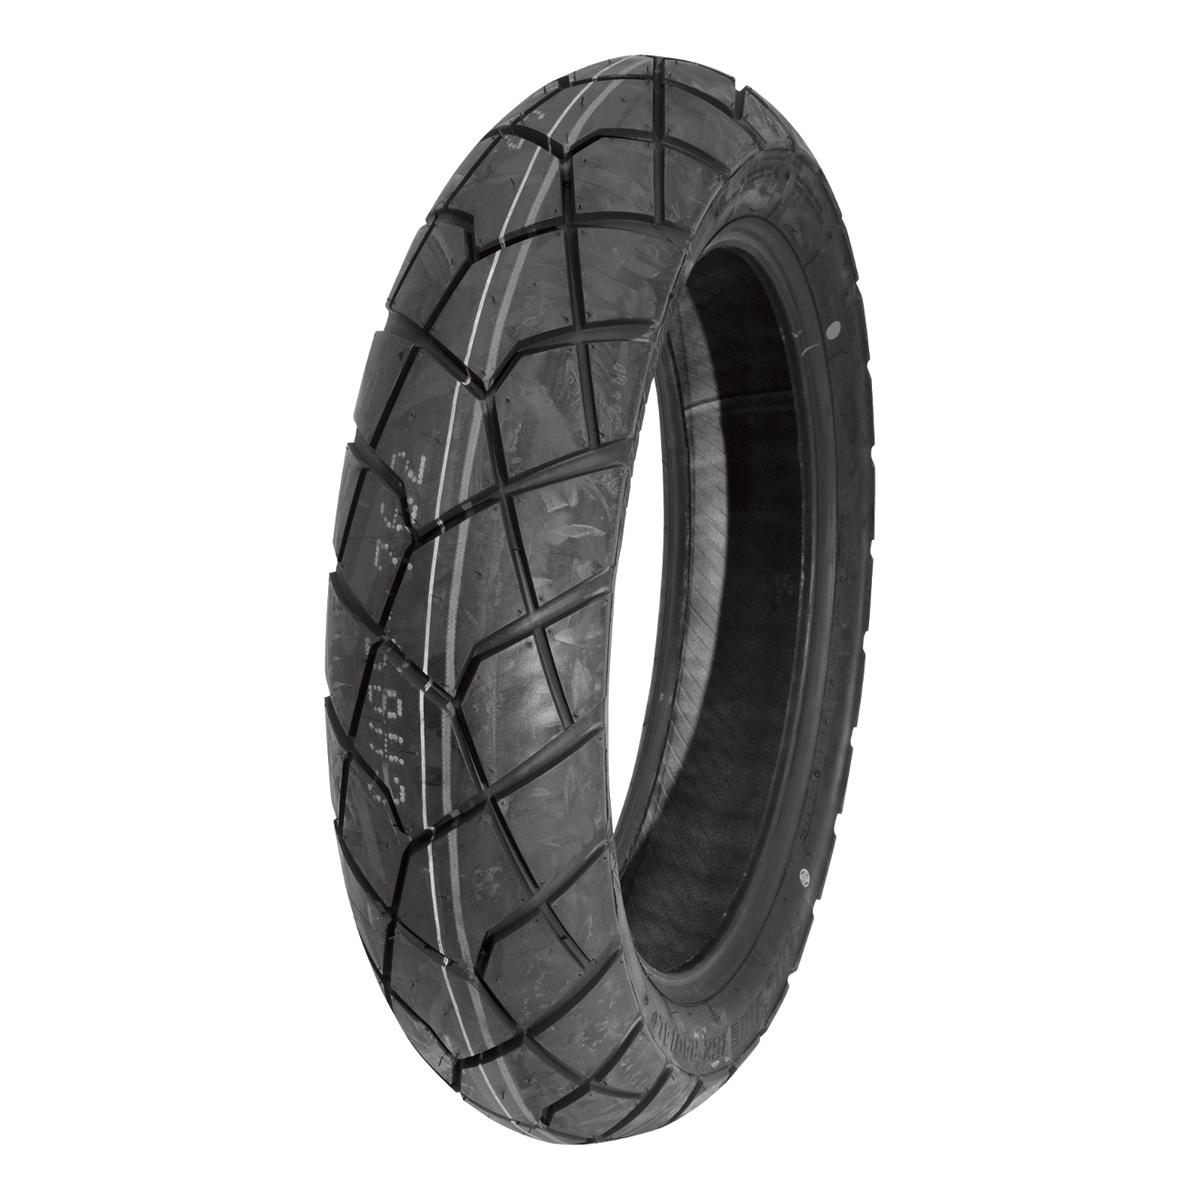 Bridgestone TW152 150/70R17 Rear Tire